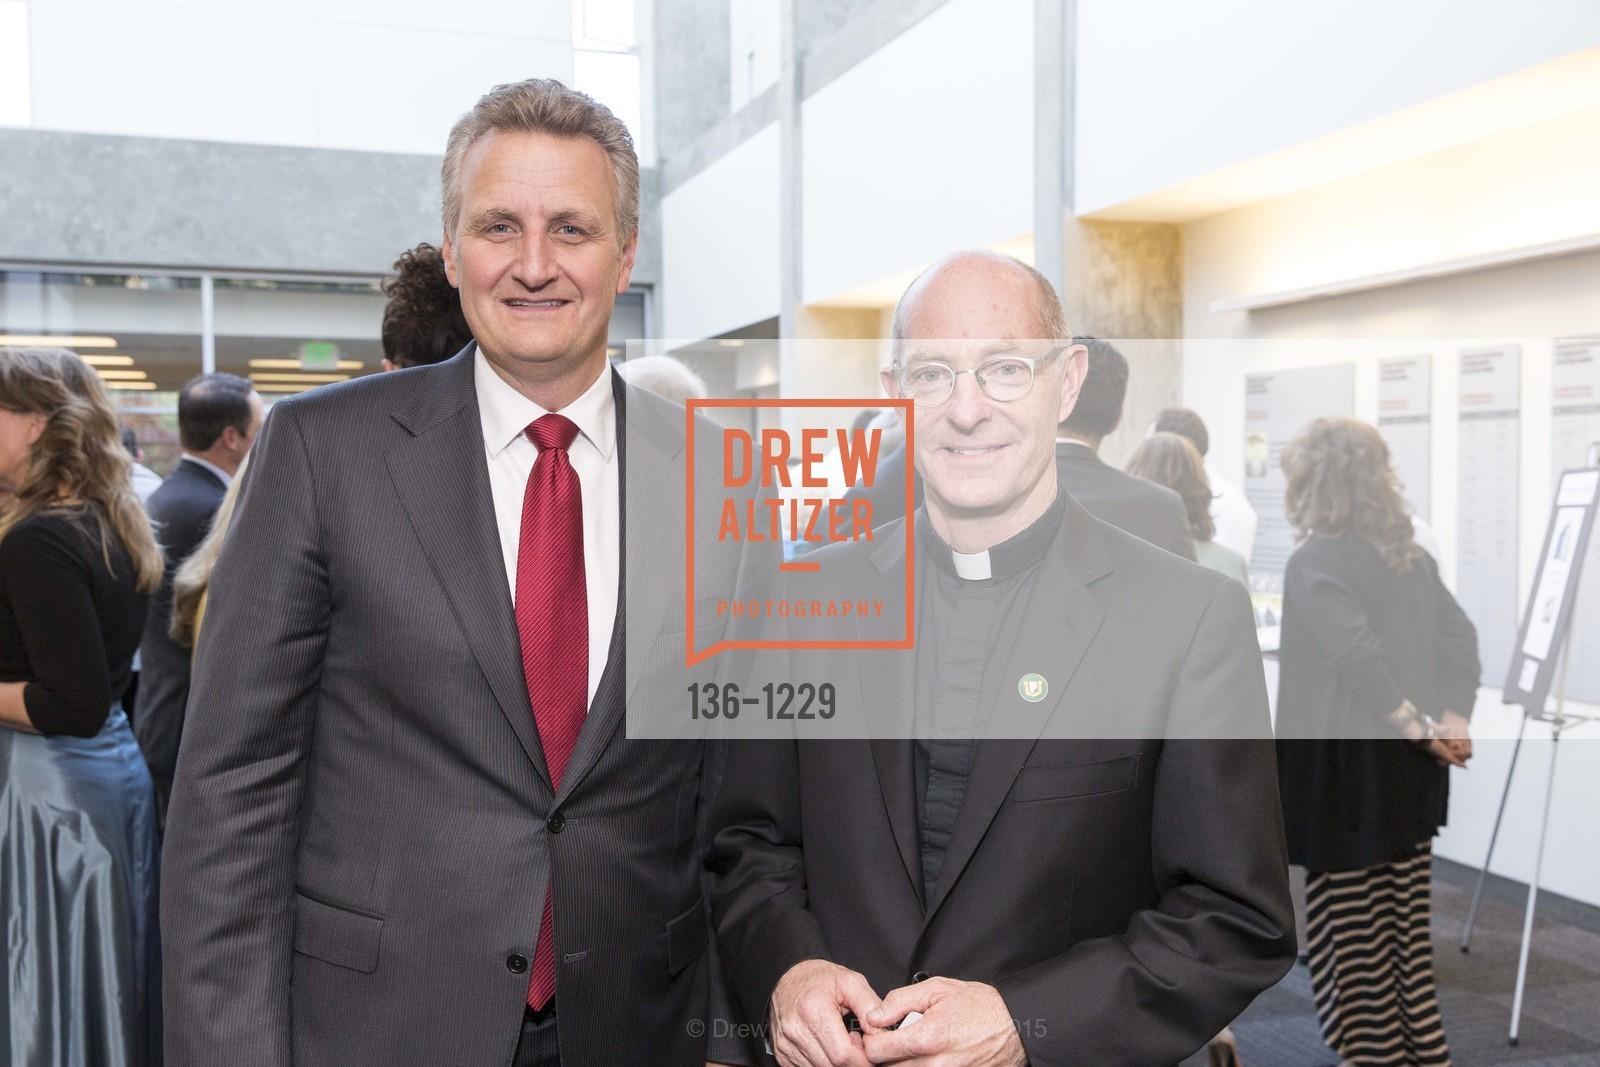 Jeff Johnson, Father Paul Fitzgerald, Photo #136-1229